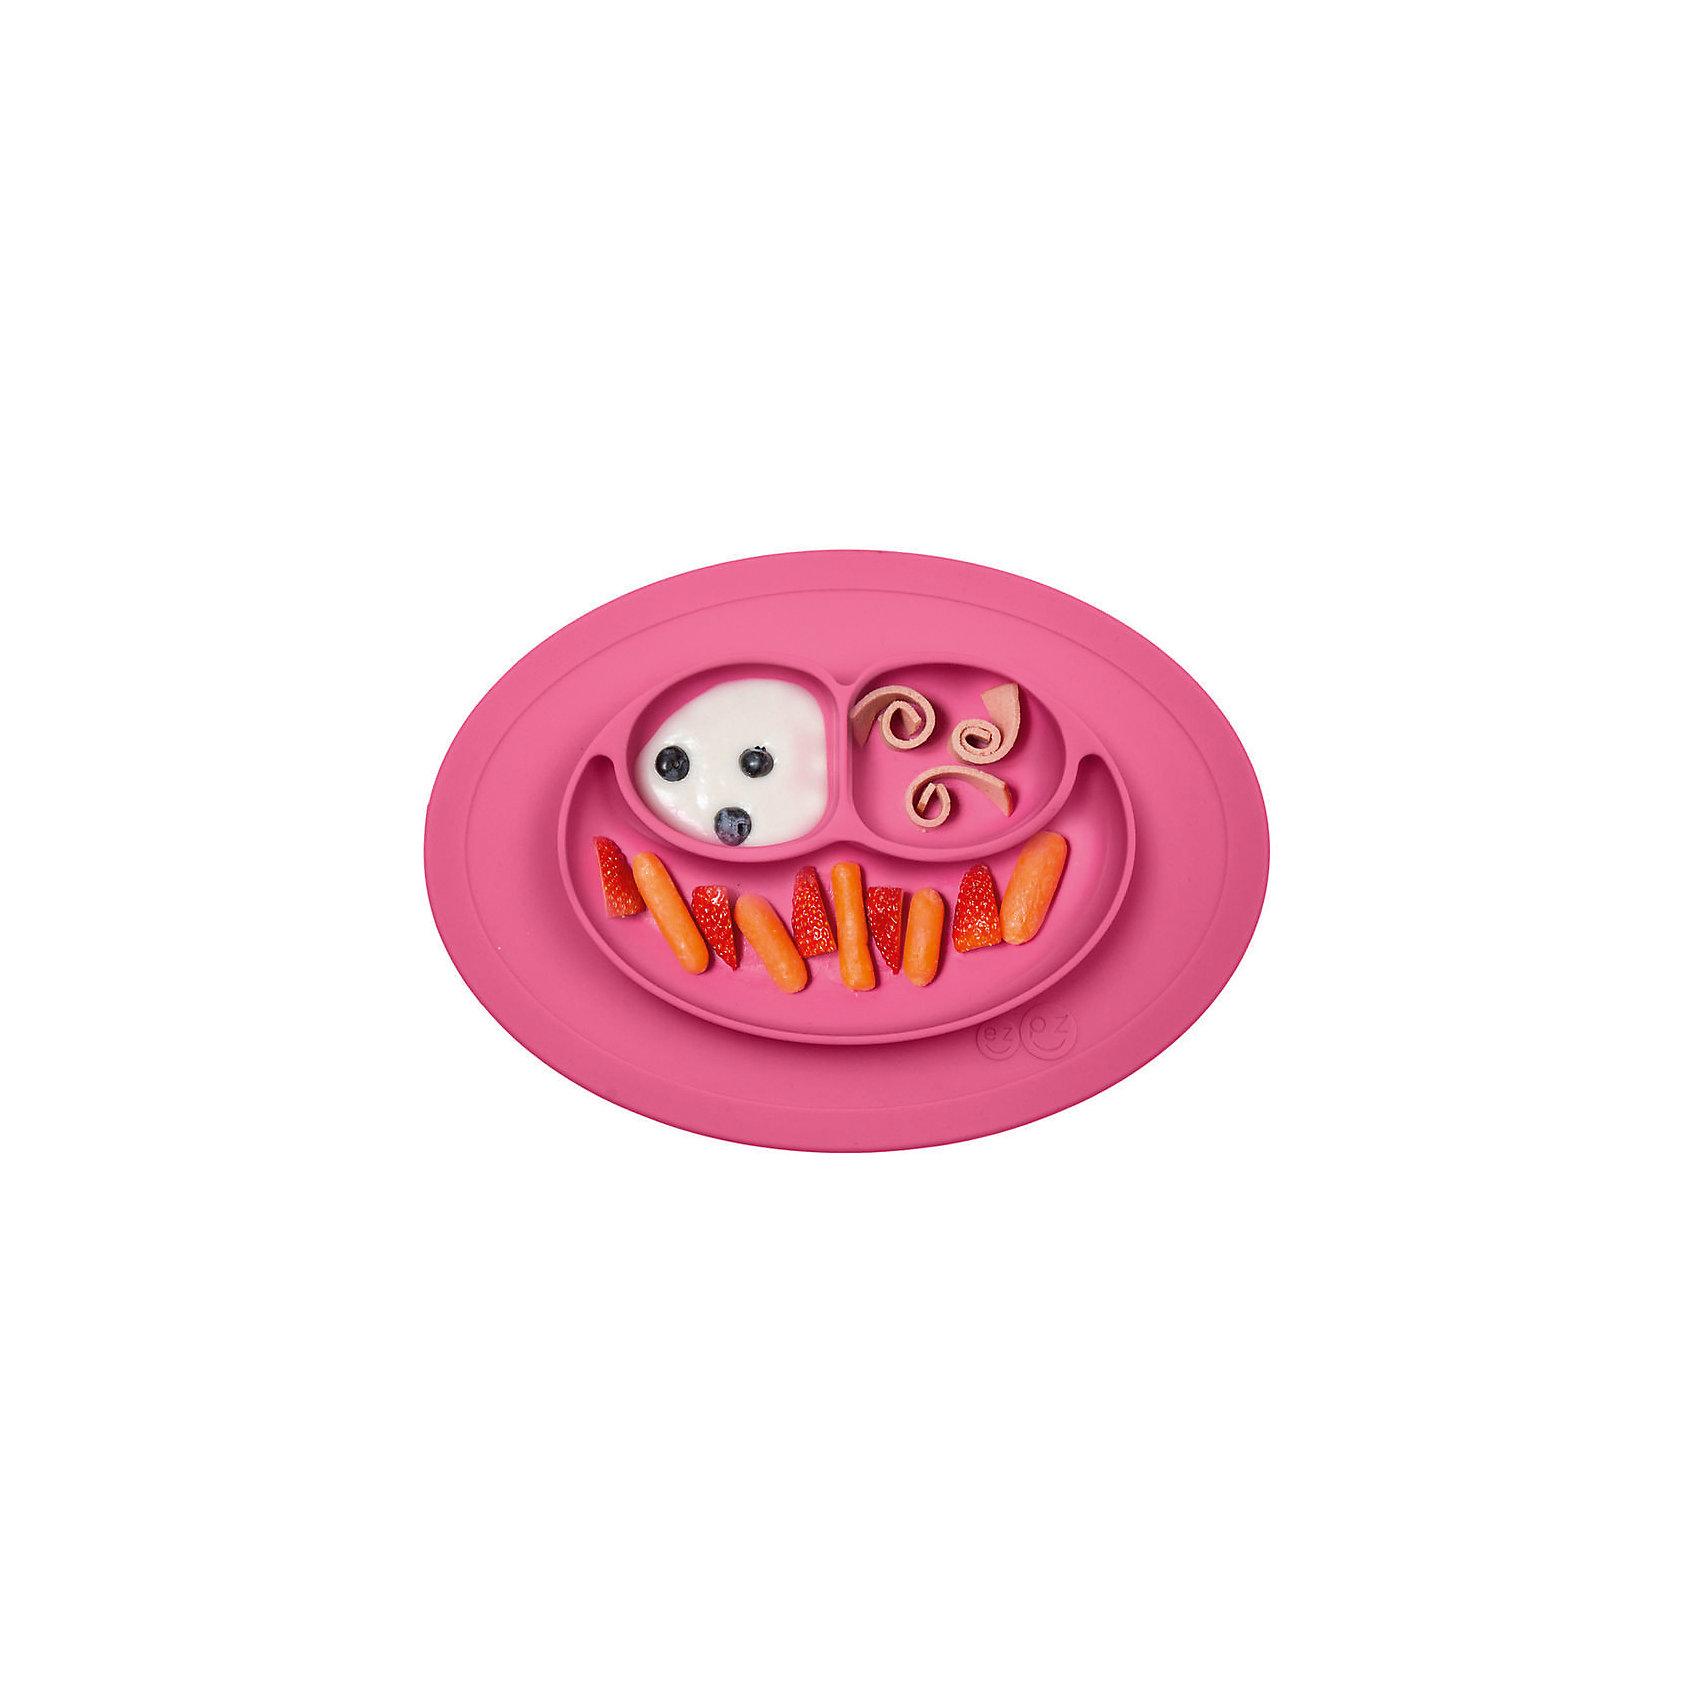 Тарелка малая с подставкой Mini Mat, 240 мл., ezpz, розовыйПосуда для малышей<br>Тарелка с подставкой Mini Mat, ezpz, розовый.<br><br>Характеристики:<br>• изготовлена из качественного пищевого силикона<br>• надежно крепится к столу<br>• 3 отсека для еды<br>• удобно брать с собой<br>• подходит для посудомоечной машины и микроволновой печи<br>• не содержит бисфенол, свинец, фталаты, поливинилхлорид<br>• приятный дизайн<br>• состав: 100% силикон<br>• размер: 21,5х19,5х2,5 см<br>• объем: 240 мл<br>• цвет: розовый<br><br>Тарелка с подставкой Mini Mat, ezpz пригодится, если в доме живут маленькие непоседы. Тарелка имеет 3 глубоких отсека, что позволяет подавать еду раздельно. Вы сможете одновременно подать к столу мясо, гарнир и фрукты, не пачкая лишнюю посуду. Дно тарелки надежно крепится к плоской поверхности - вы можете не переживать, что малыш опрокинет еду и обожжется. Небольшой размер позволит брать тарелку с собой в дорогу. Приятный дизайн тарелки понравится ребенку, и он обязательно будет есть с аппетитом!<br><br><br>Вы можете купить тарелку с подставкой Mini Mat, ezpz, розовый в нашем интернет-магазине.<br><br>Ширина мм: 210<br>Глубина мм: 25<br>Высота мм: 195<br>Вес г: 323<br>Возраст от месяцев: 0<br>Возраст до месяцев: 36<br>Пол: Унисекс<br>Возраст: Детский<br>SKU: 5068716